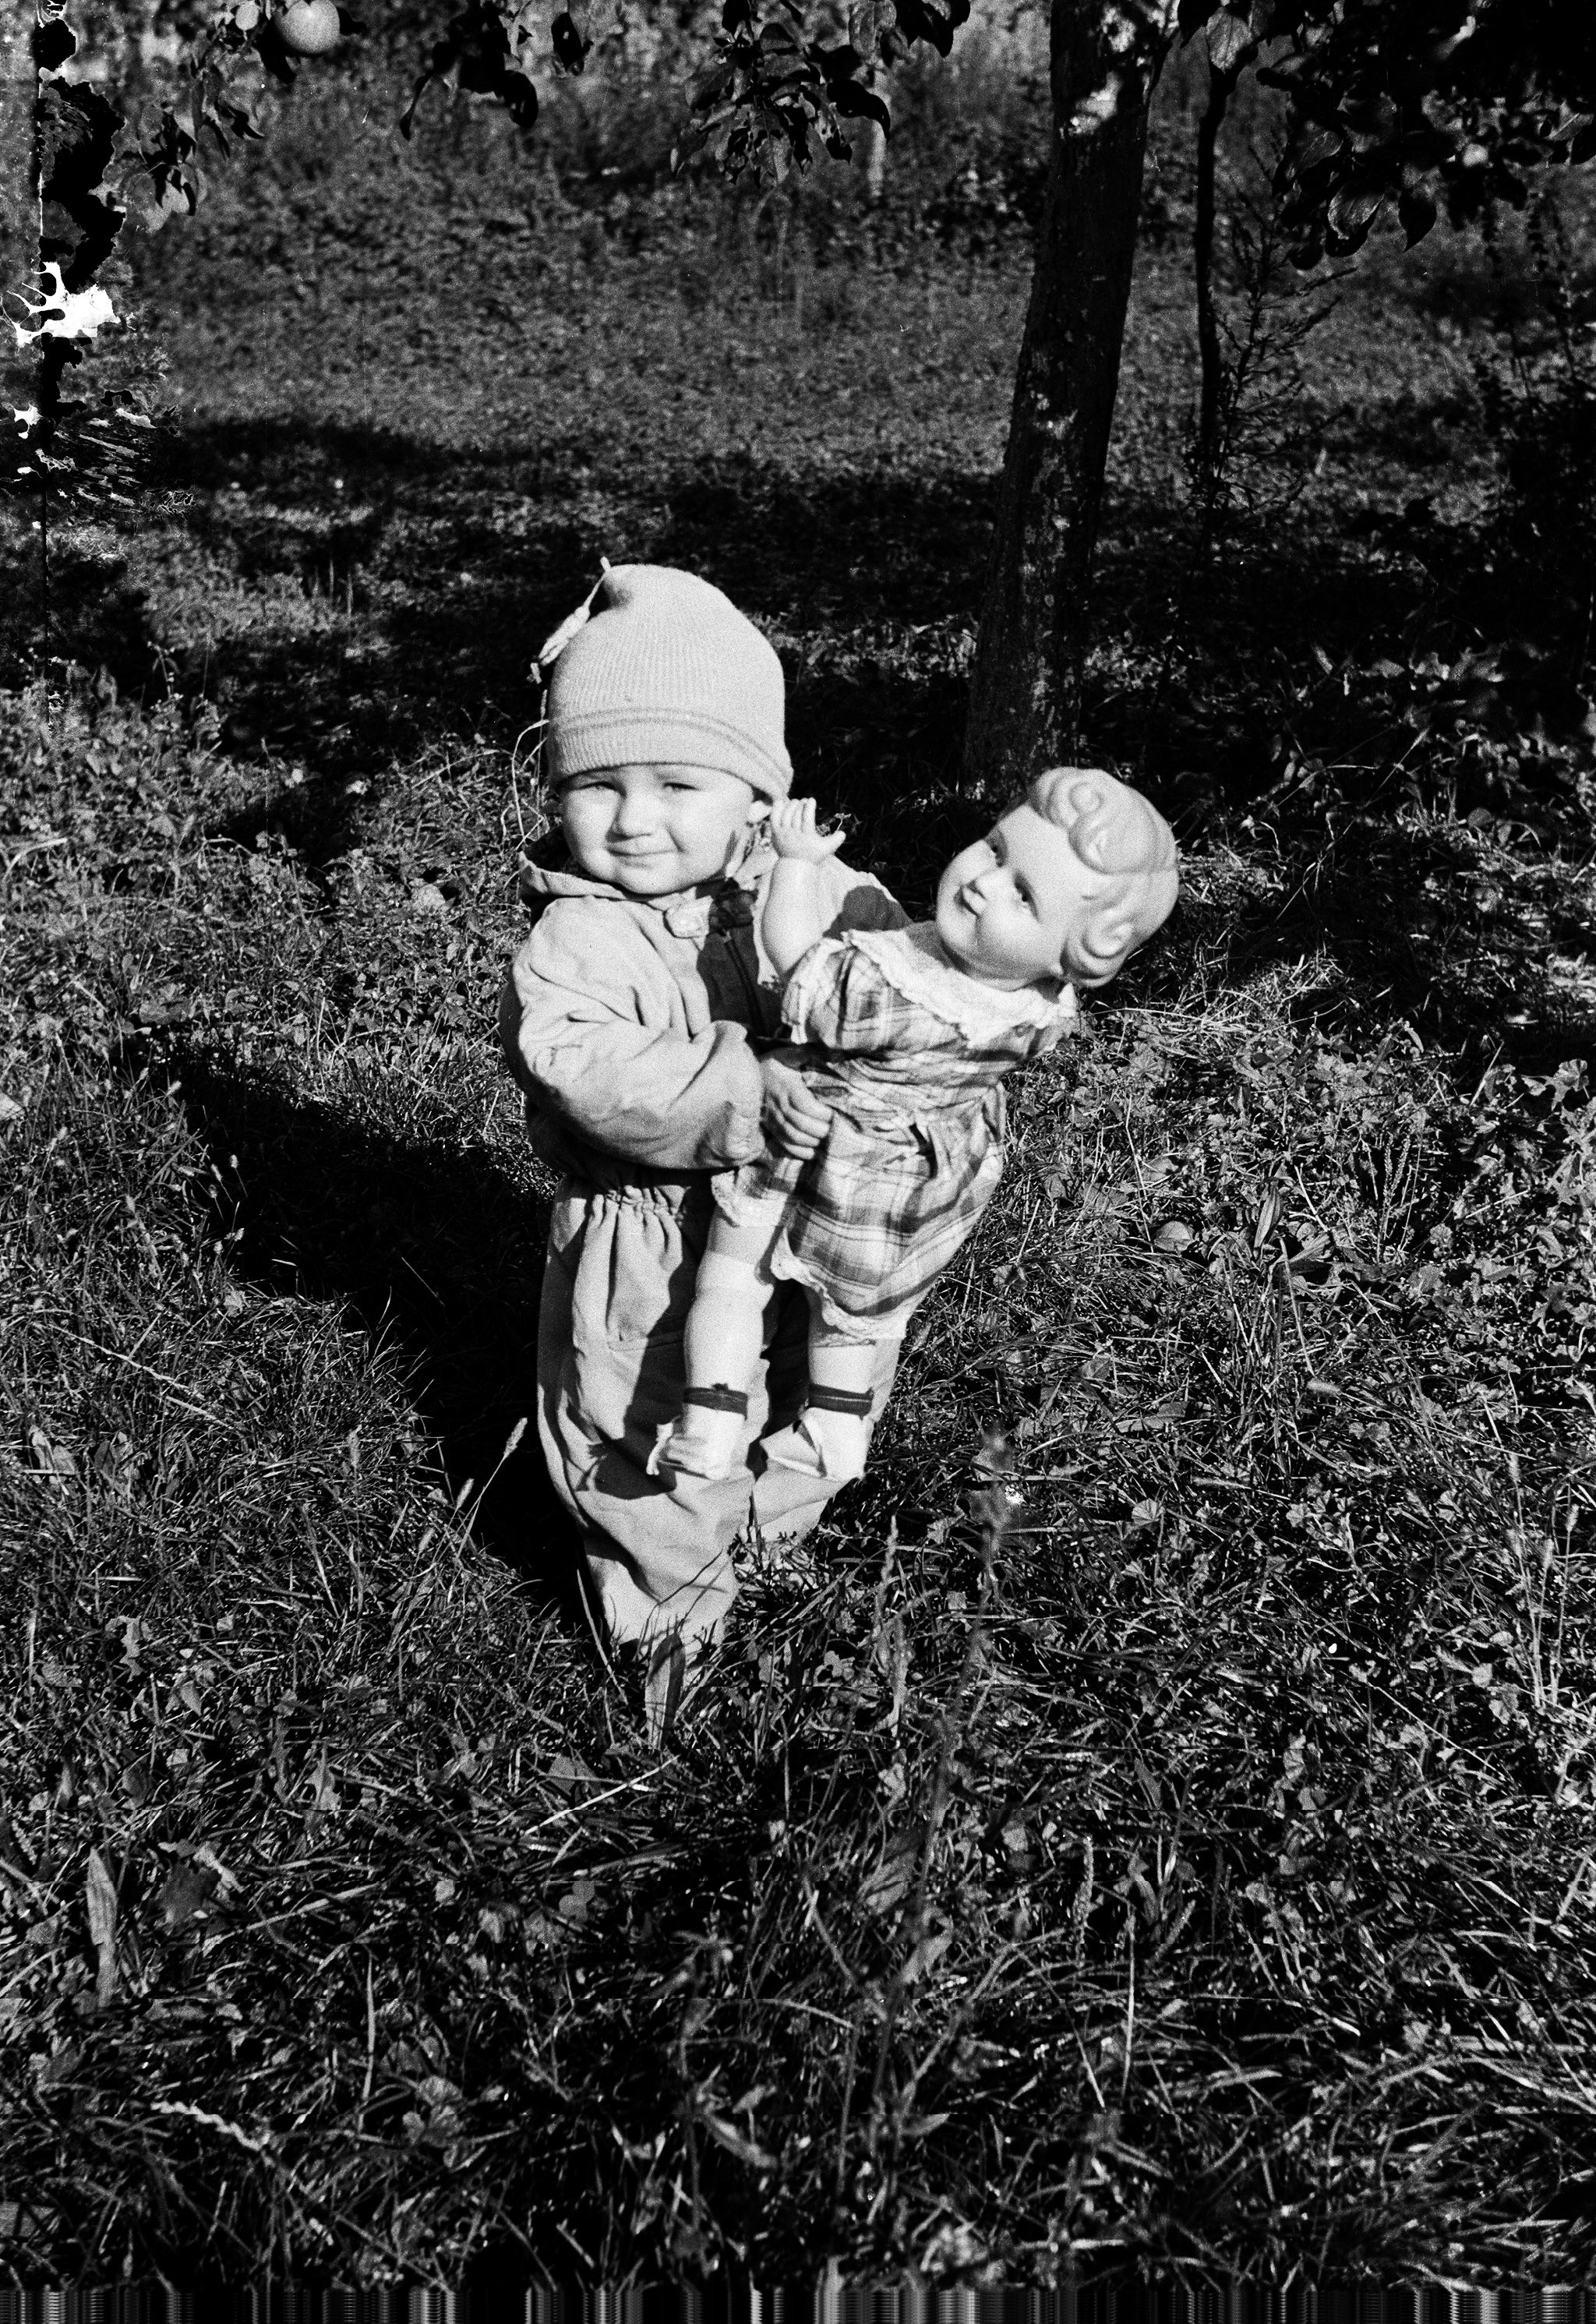 Tereska Czyżowicz z lalką, Głębowice, Dolny Śląsk, lata 50. XX w.